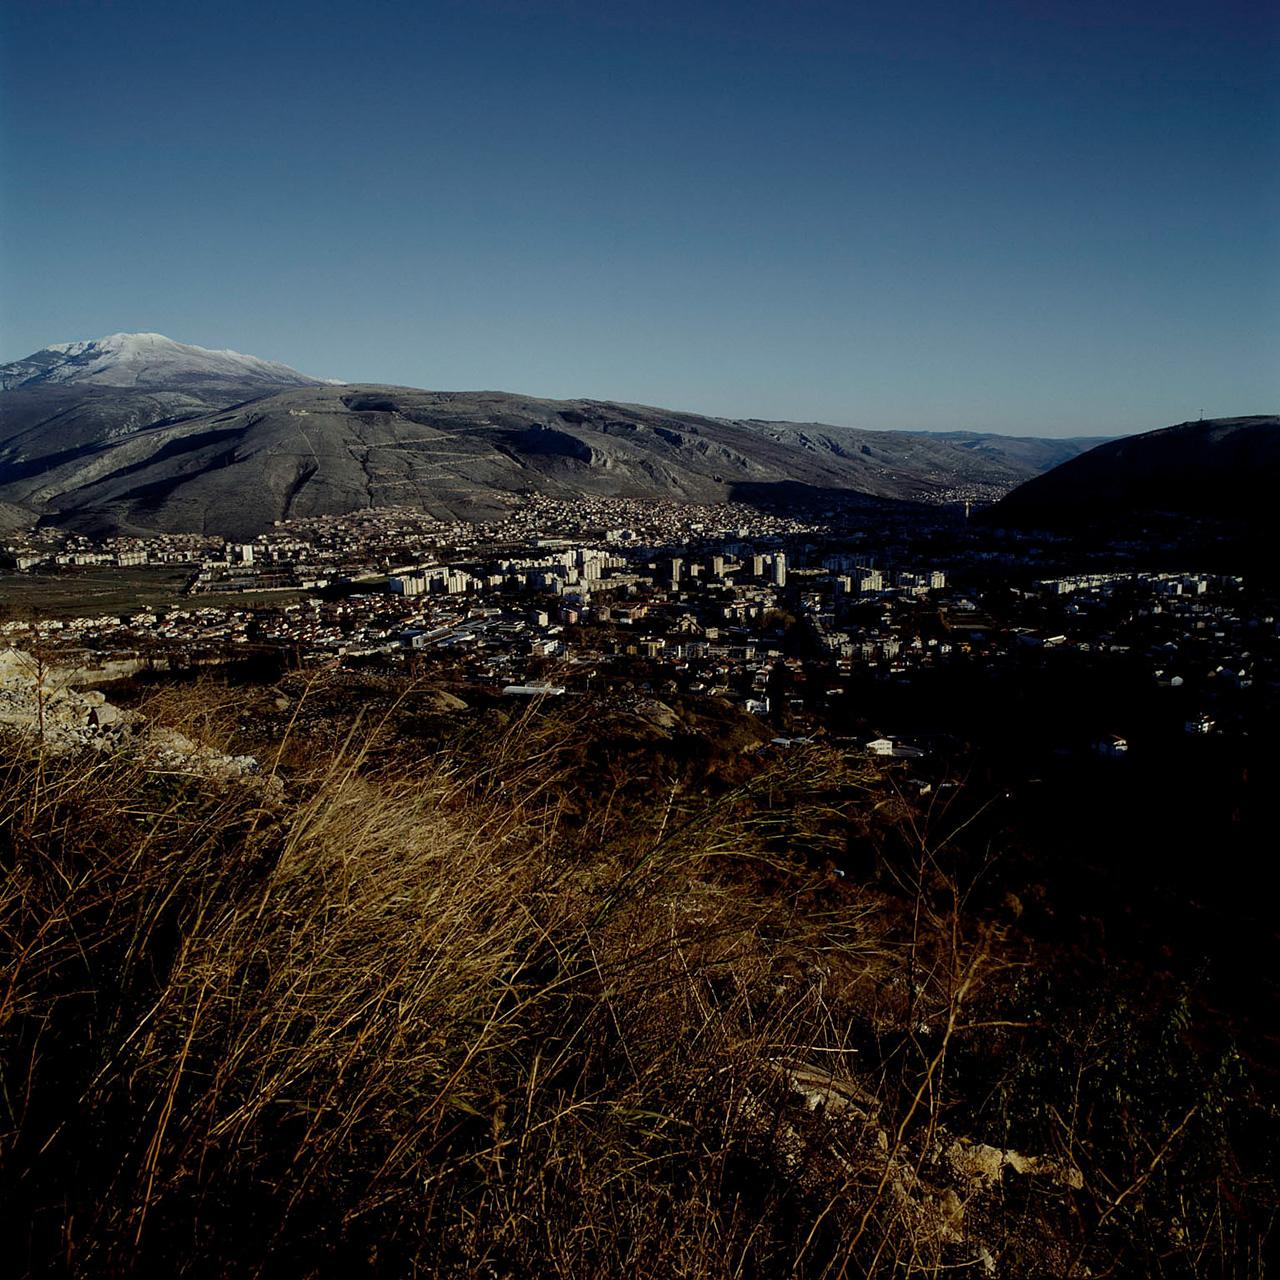 Fotografie, Schlacht von Mostar, Bosnien